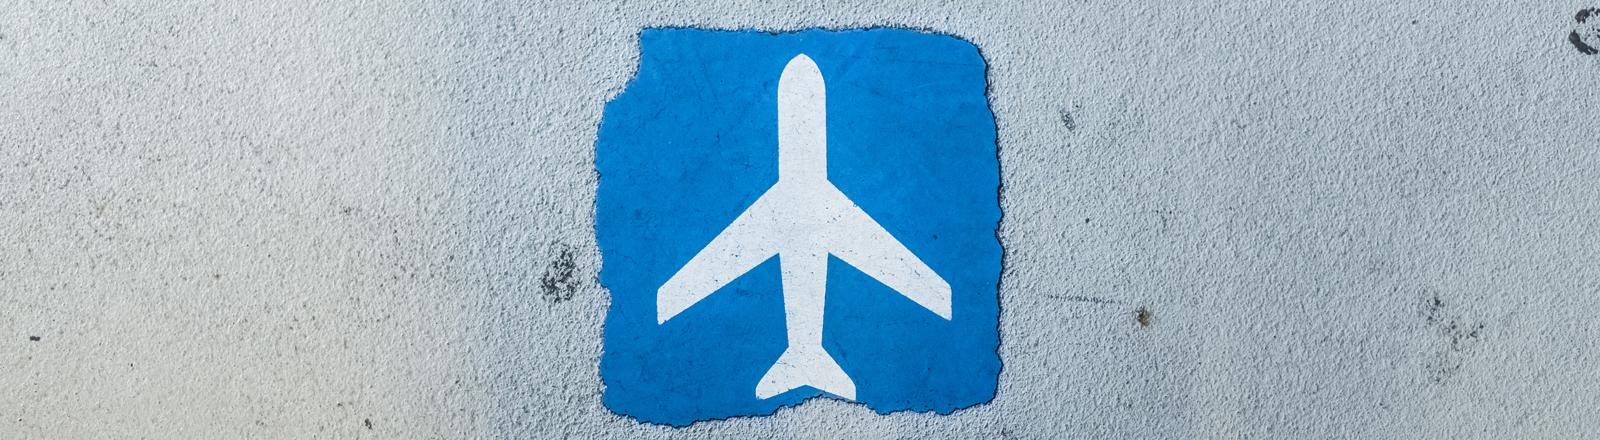 Symbol Flugzeug auf blauem Grund